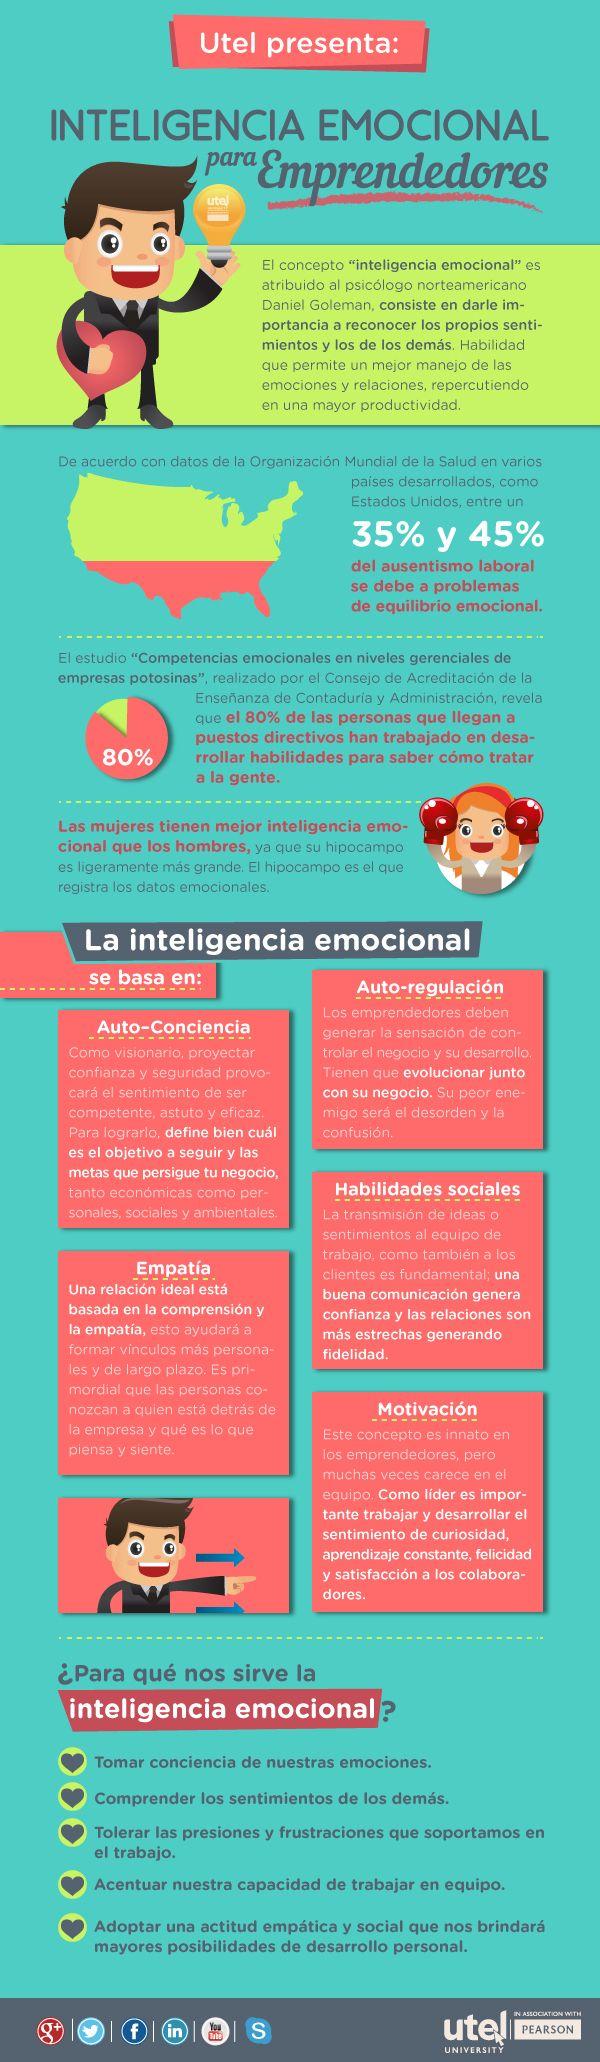 Inteligencia emocional para emprendedores #emprendimiento #inteligencia emocional